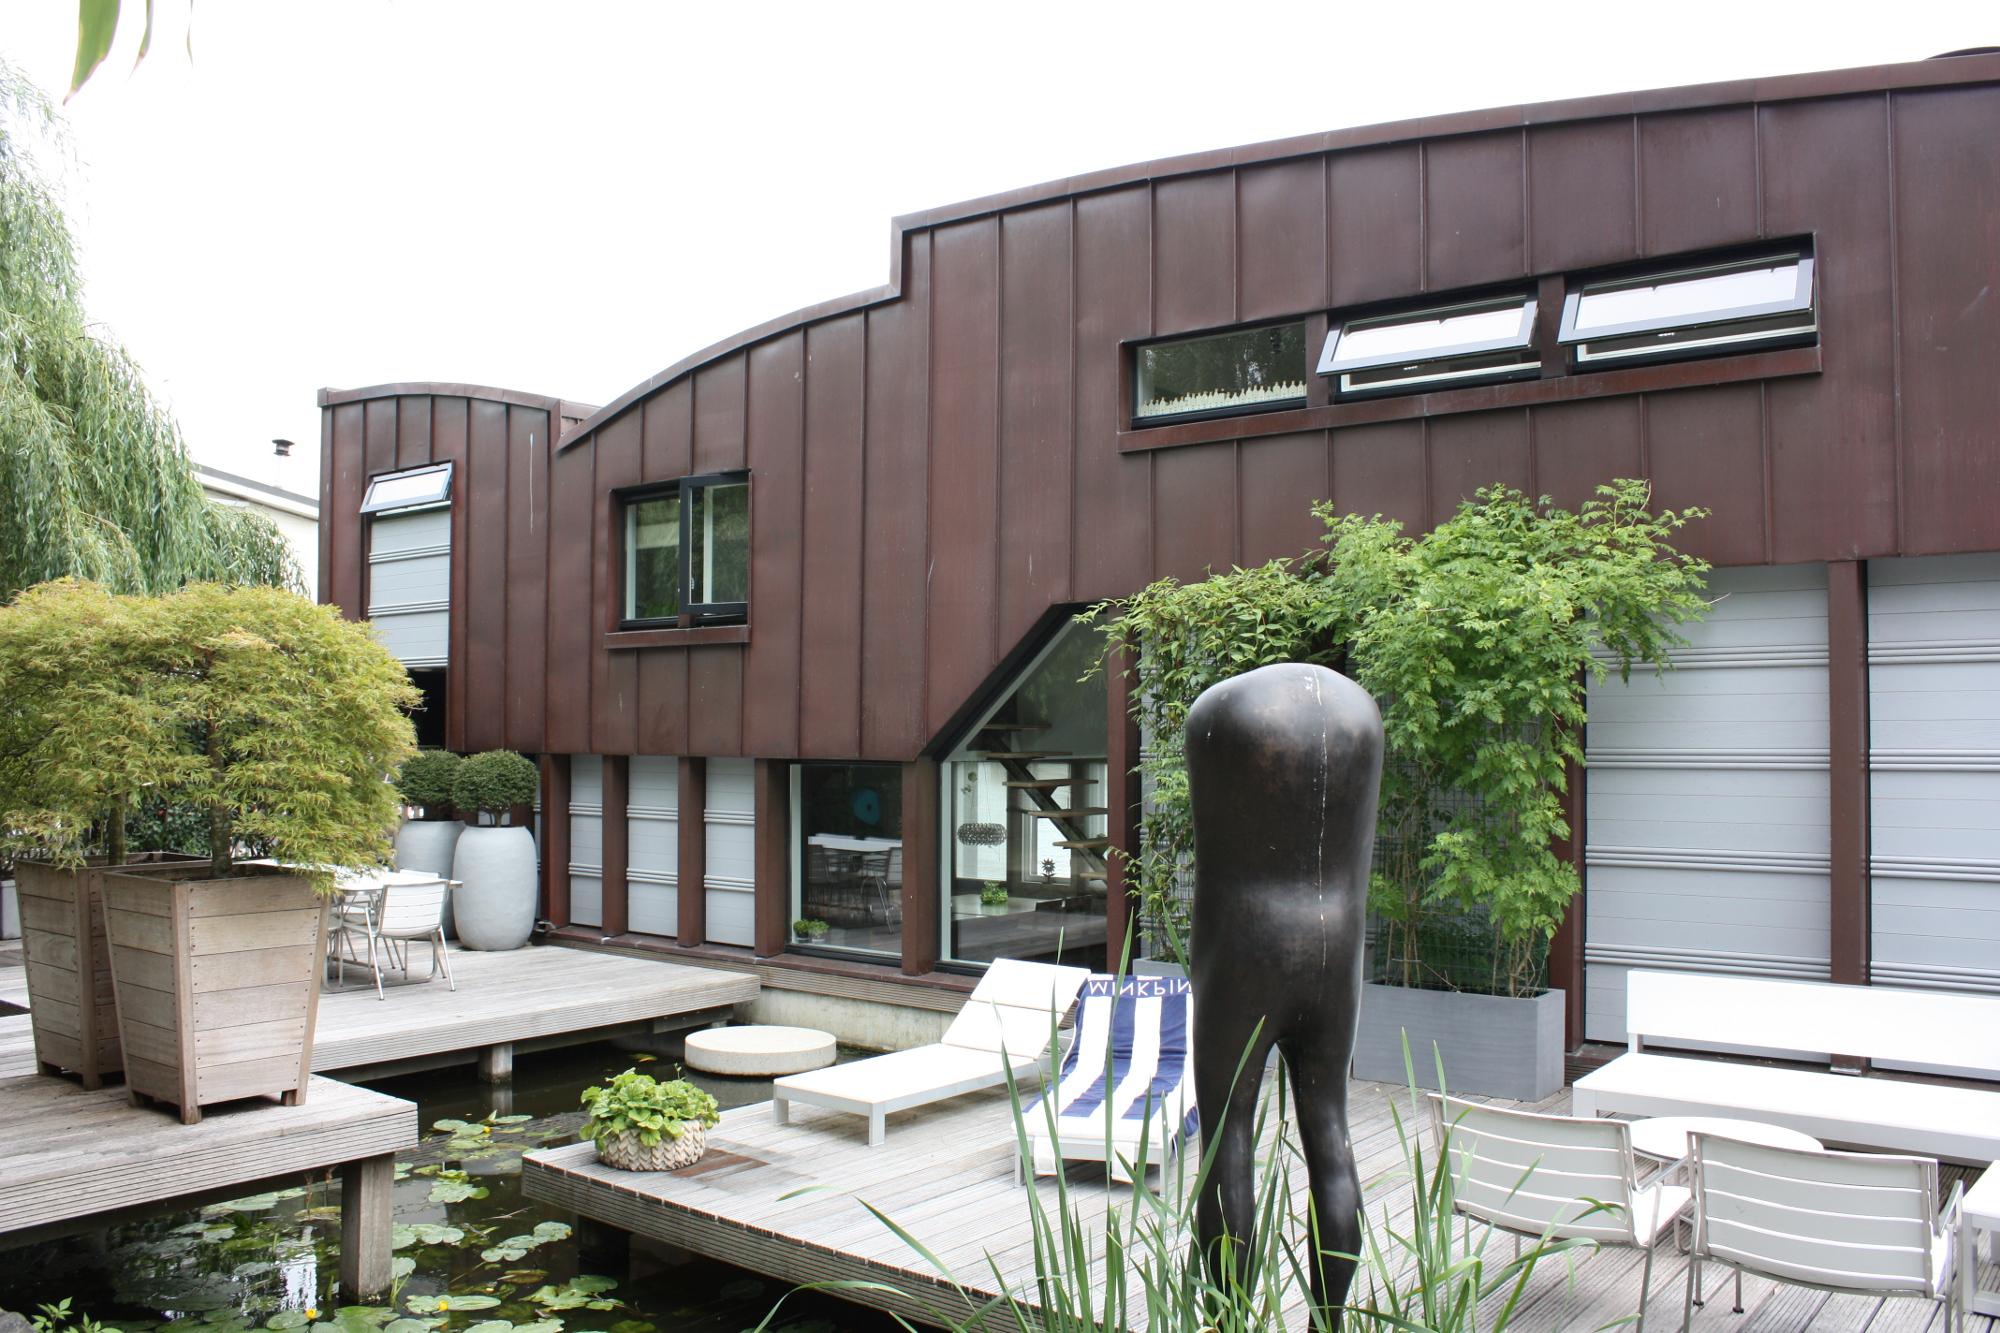 homepage-slider-afbeelding-woonboot-amsterdam-terras-BEELEN-CS-architecten-Eindhoven